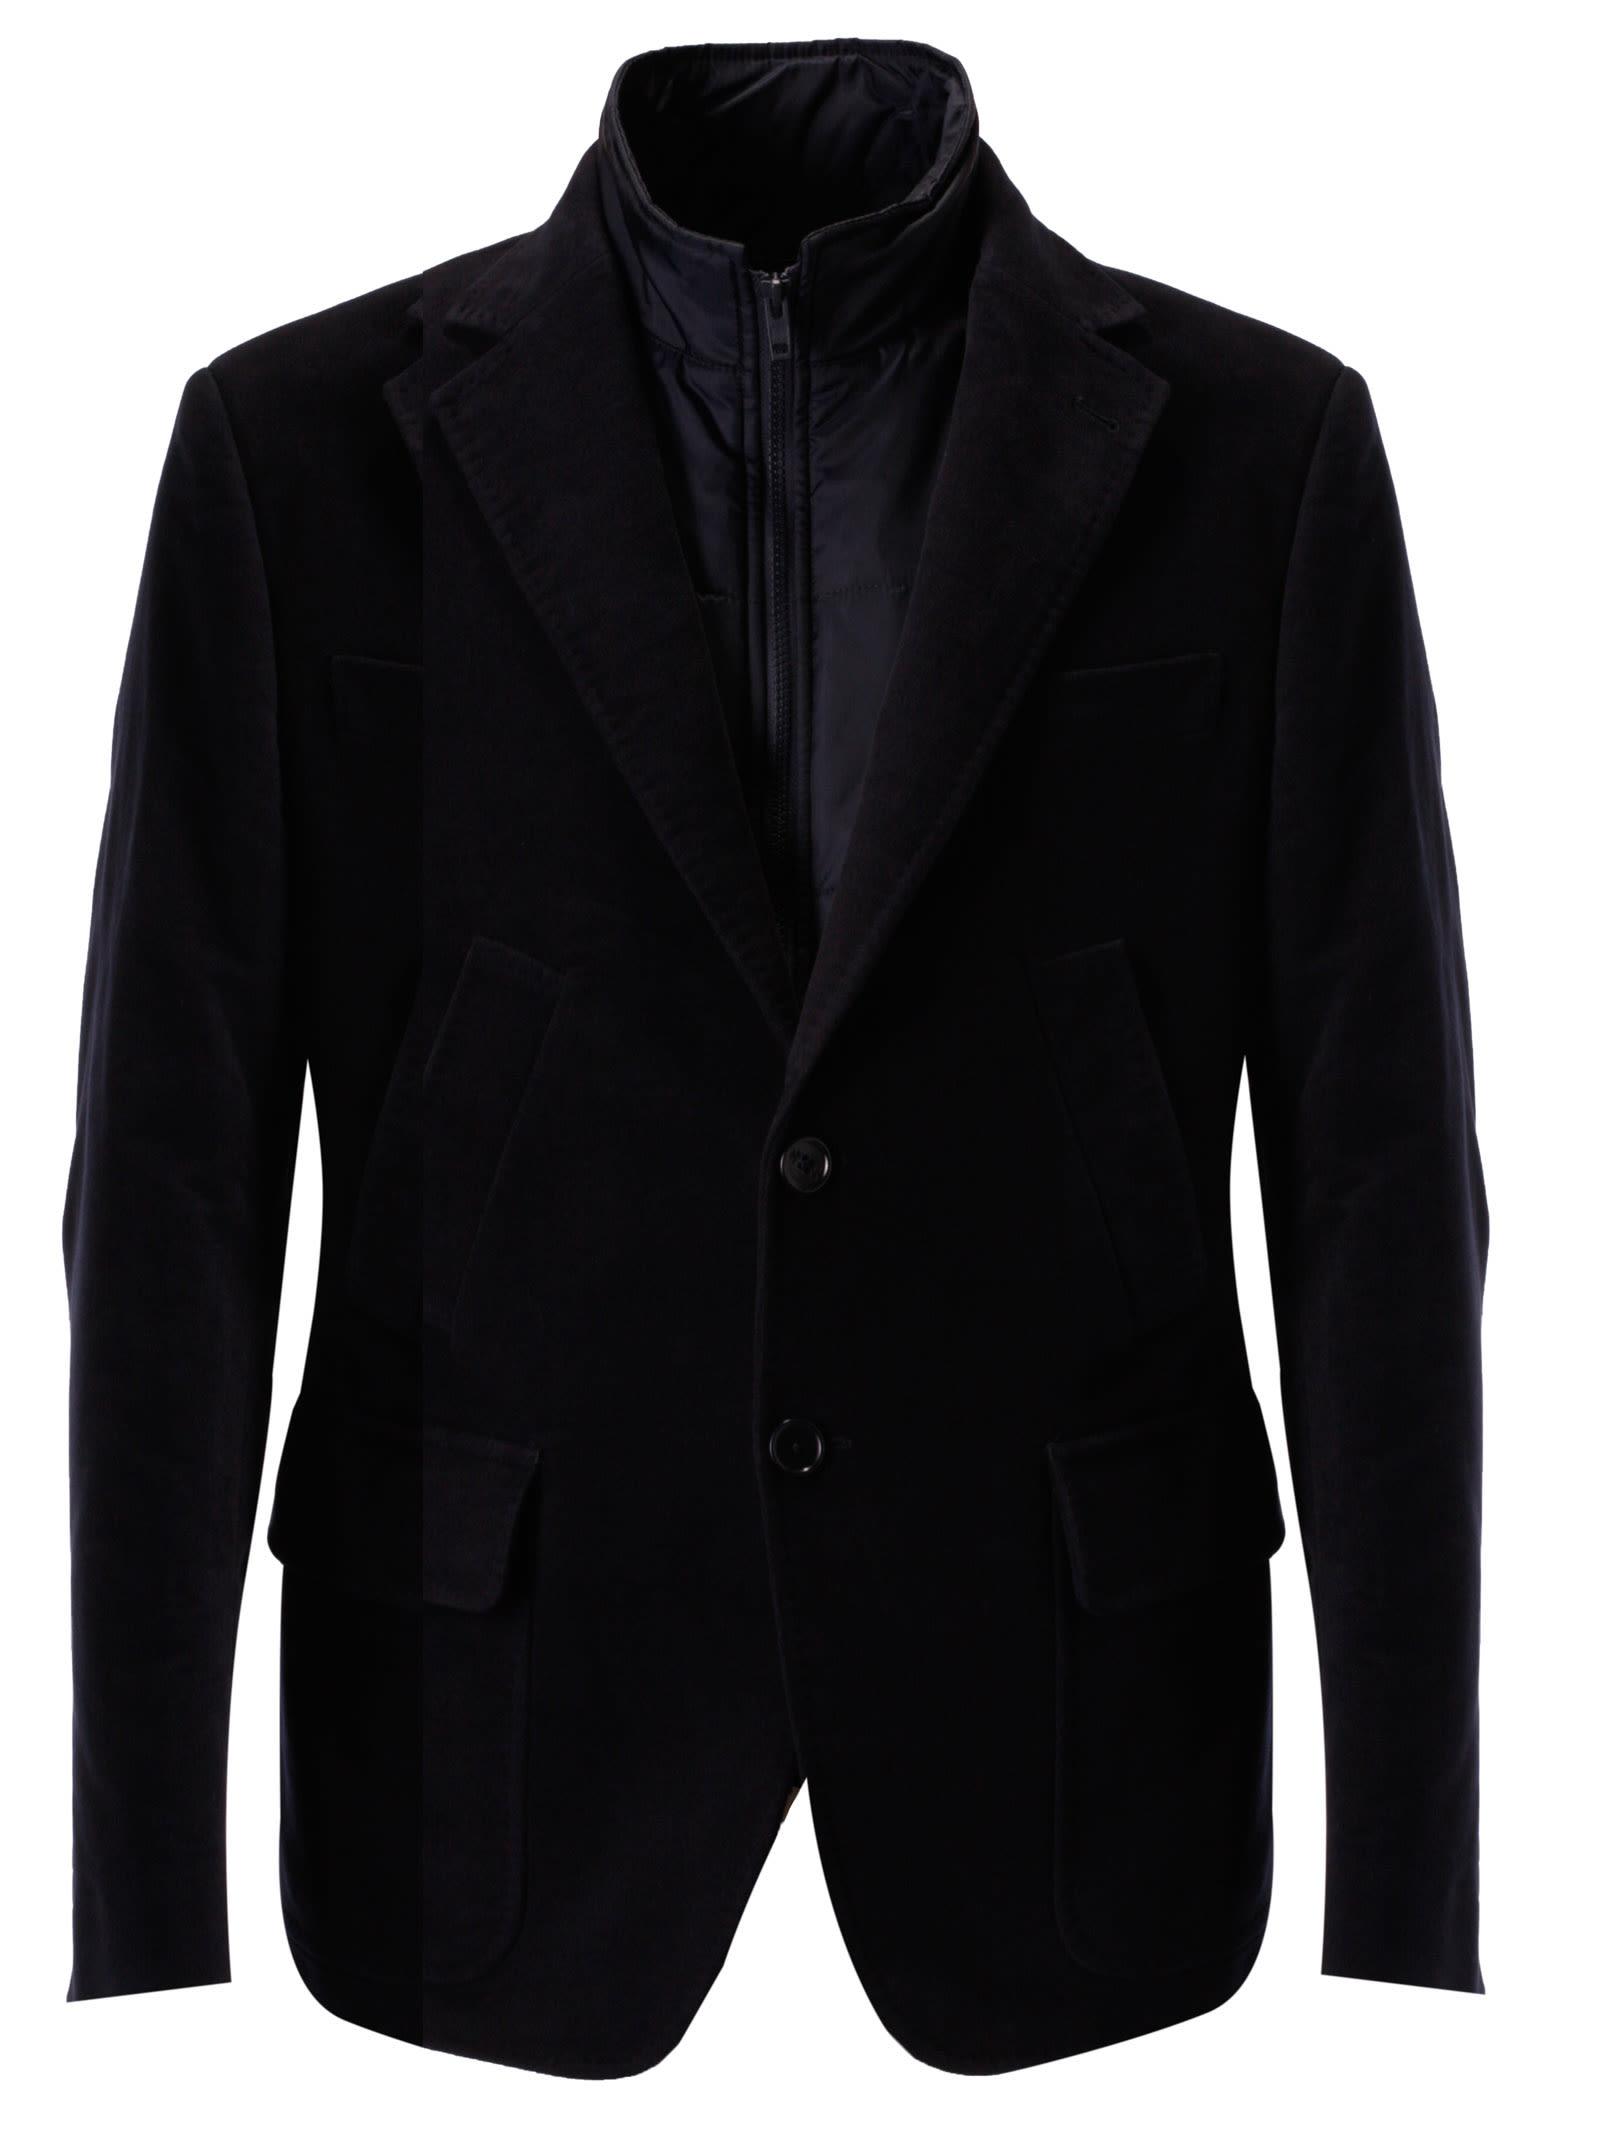 on sale ec271 a6cf8 Fay Single Breasted Blazer